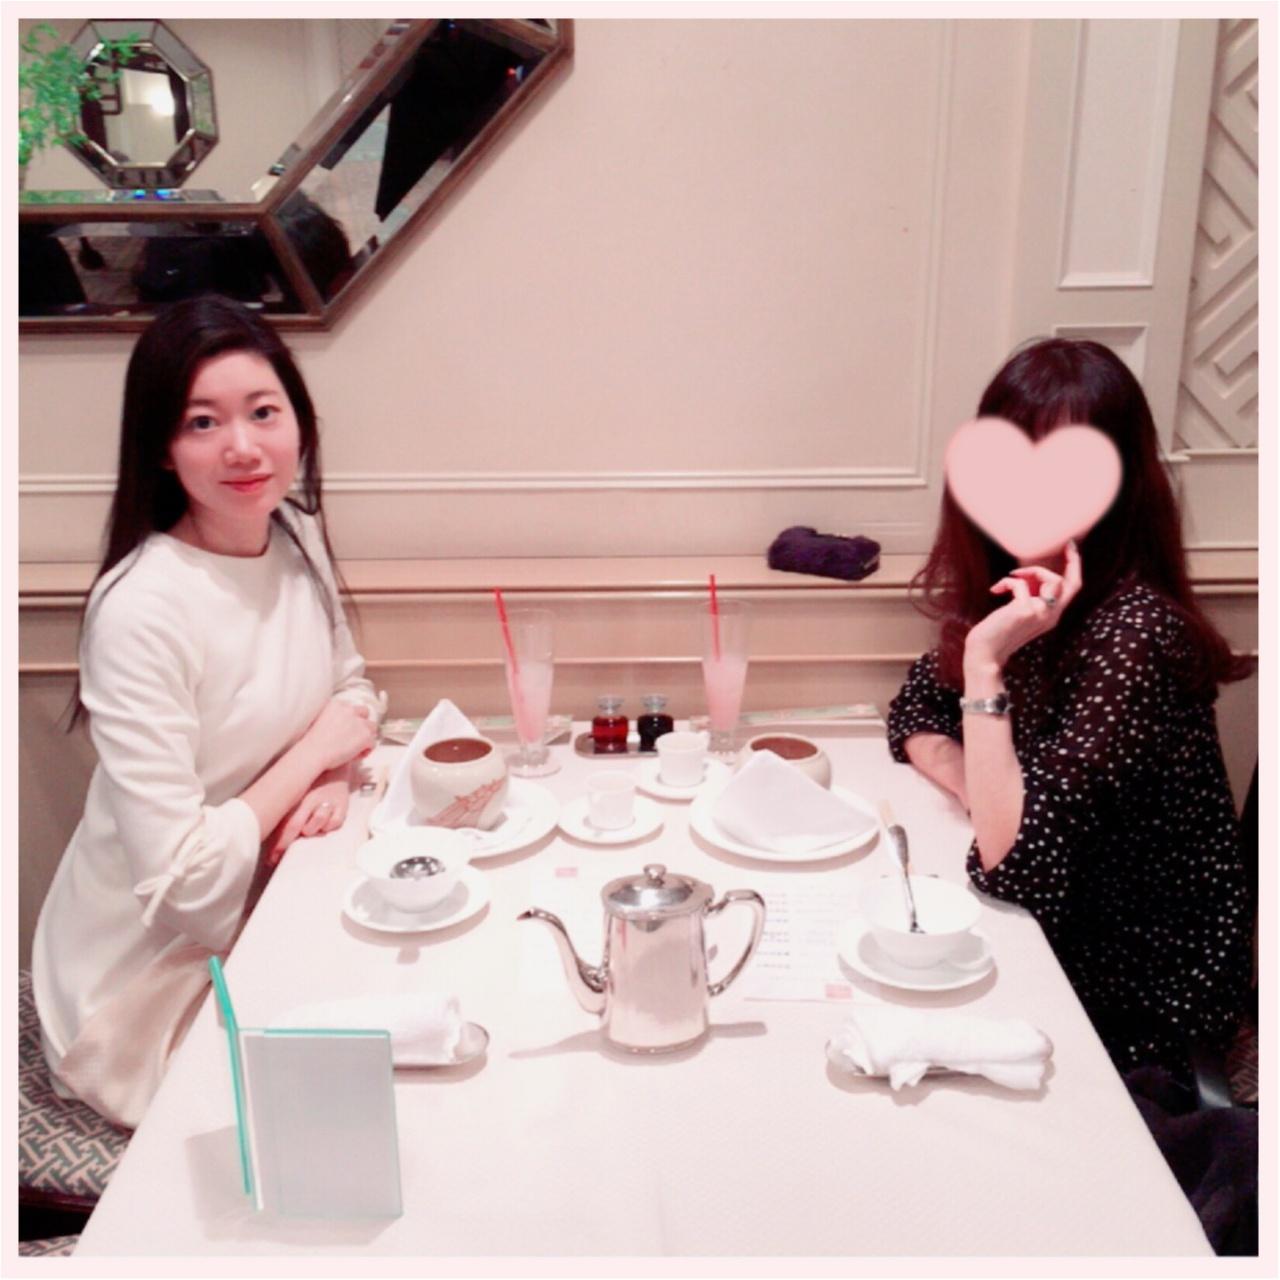 バースデーランチ♡♡♡母のお誕生日のお祝いをしました(*´꒳`*)_1